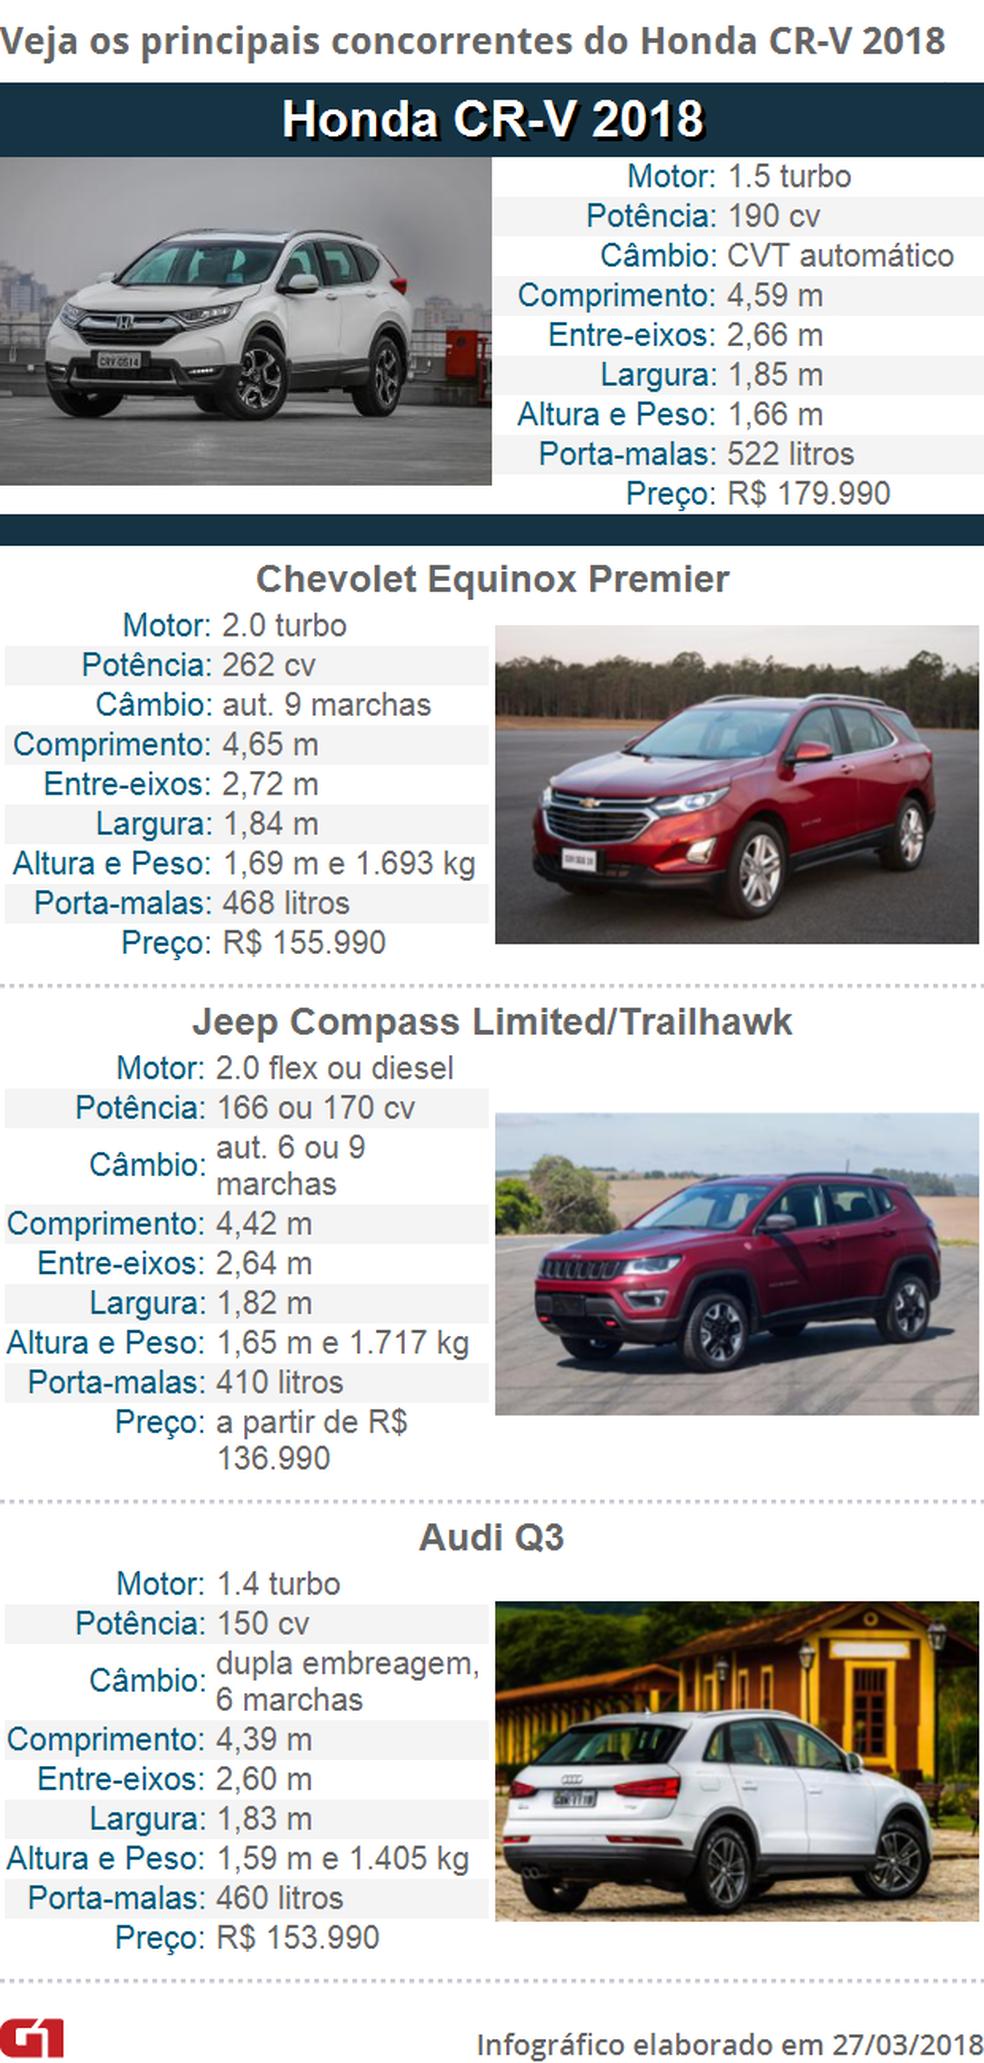 Conheça os concorrentes do CR-V (Foto: G1/Divulgação)